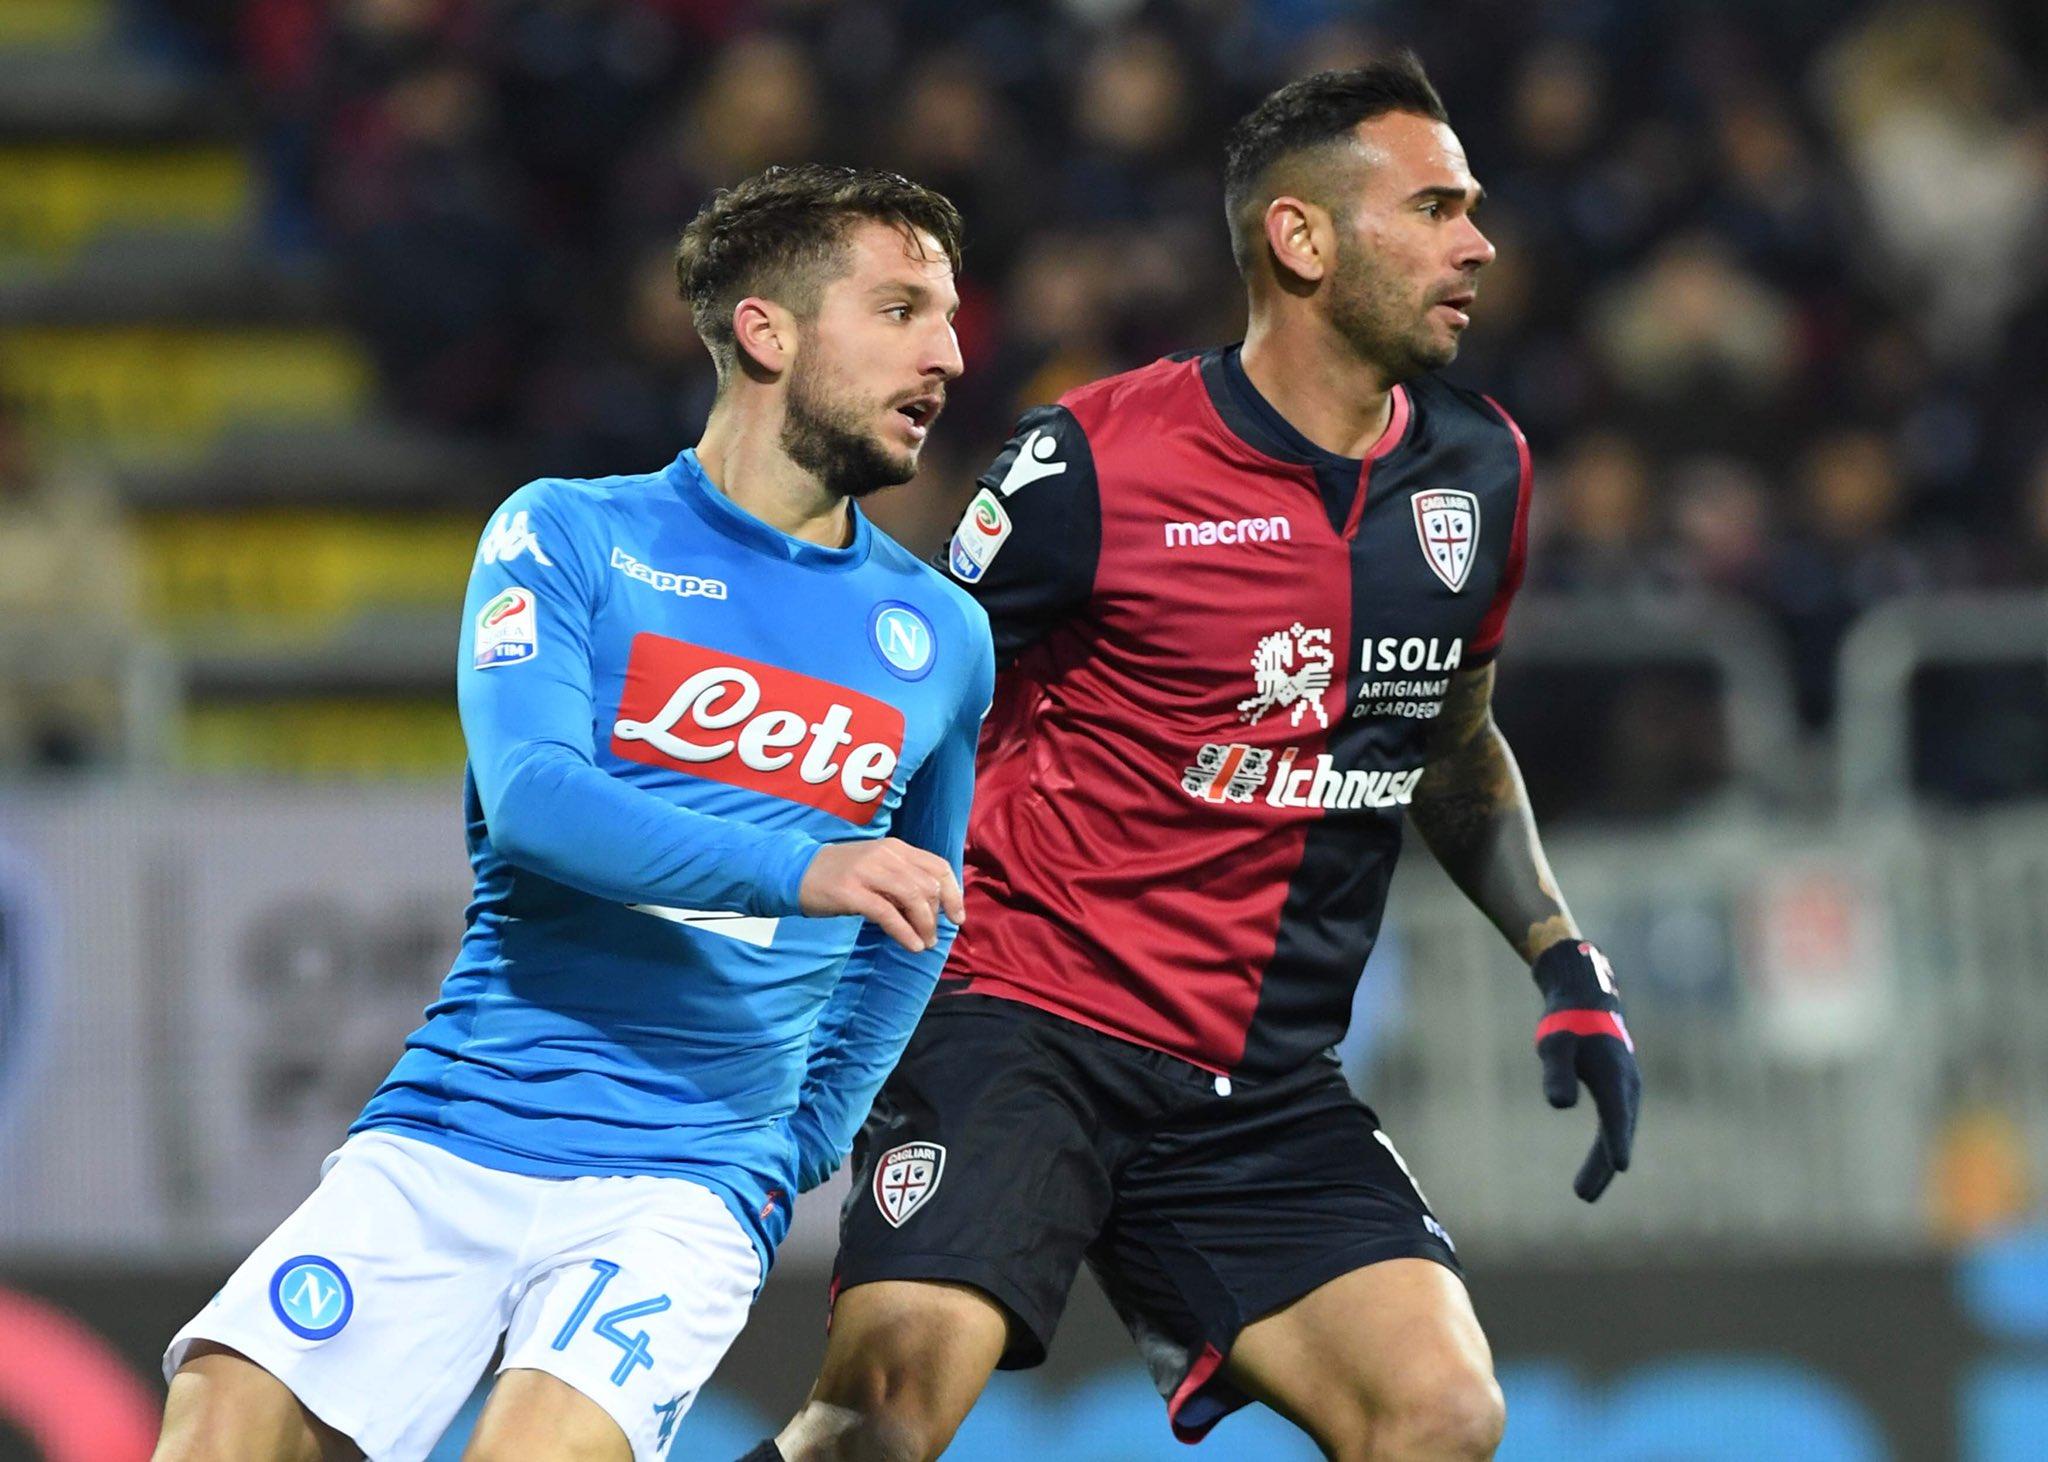 Cagliari-Napoli 0-2, il primo tempo: i sardi iniziano bene, poi però esplode il Napoli